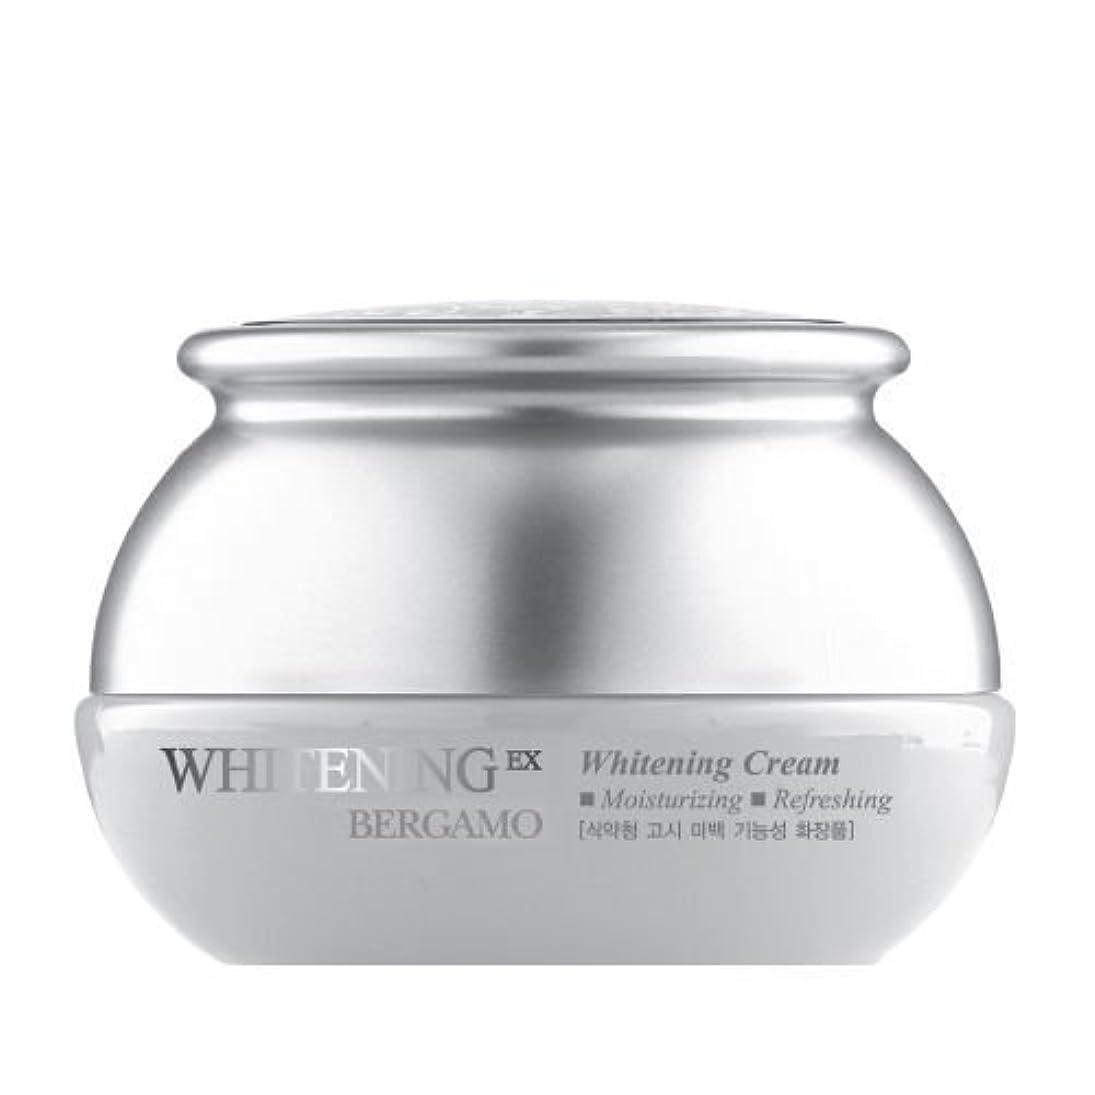 六認める水ベルガモ[韓国コスメBergamo]Whitening EX Wrinkle Care Cream ホワイトニングEXリンクルケアクリーム50ml しわ管理 [並行輸入品]